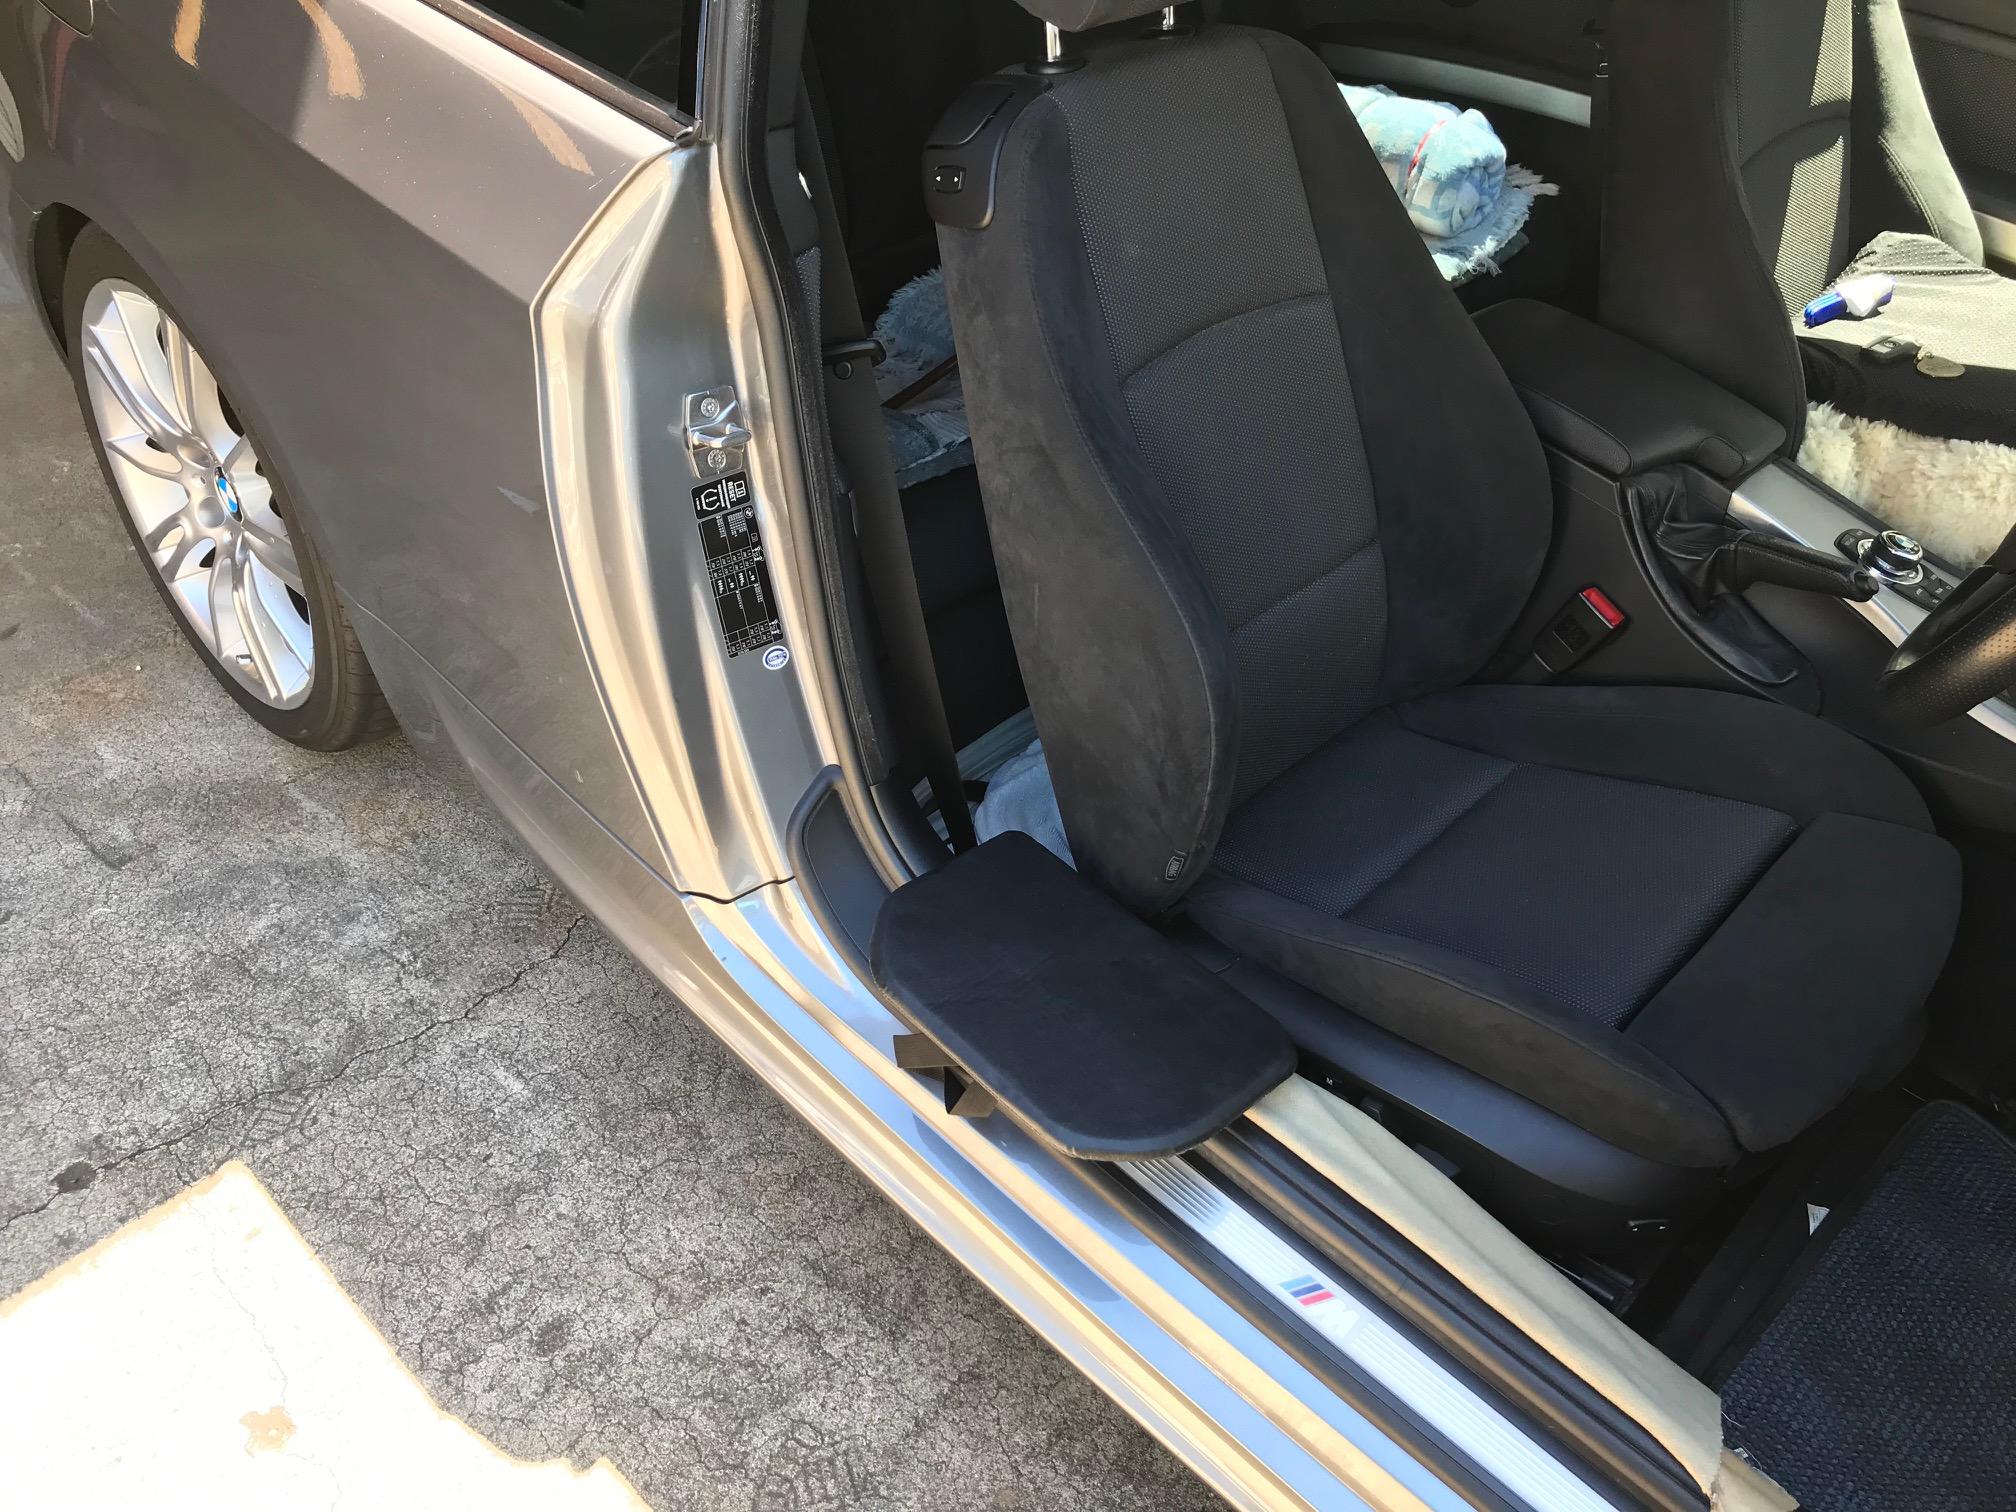 福祉車両改造・移乗補助装置・移乗プレート・BMW